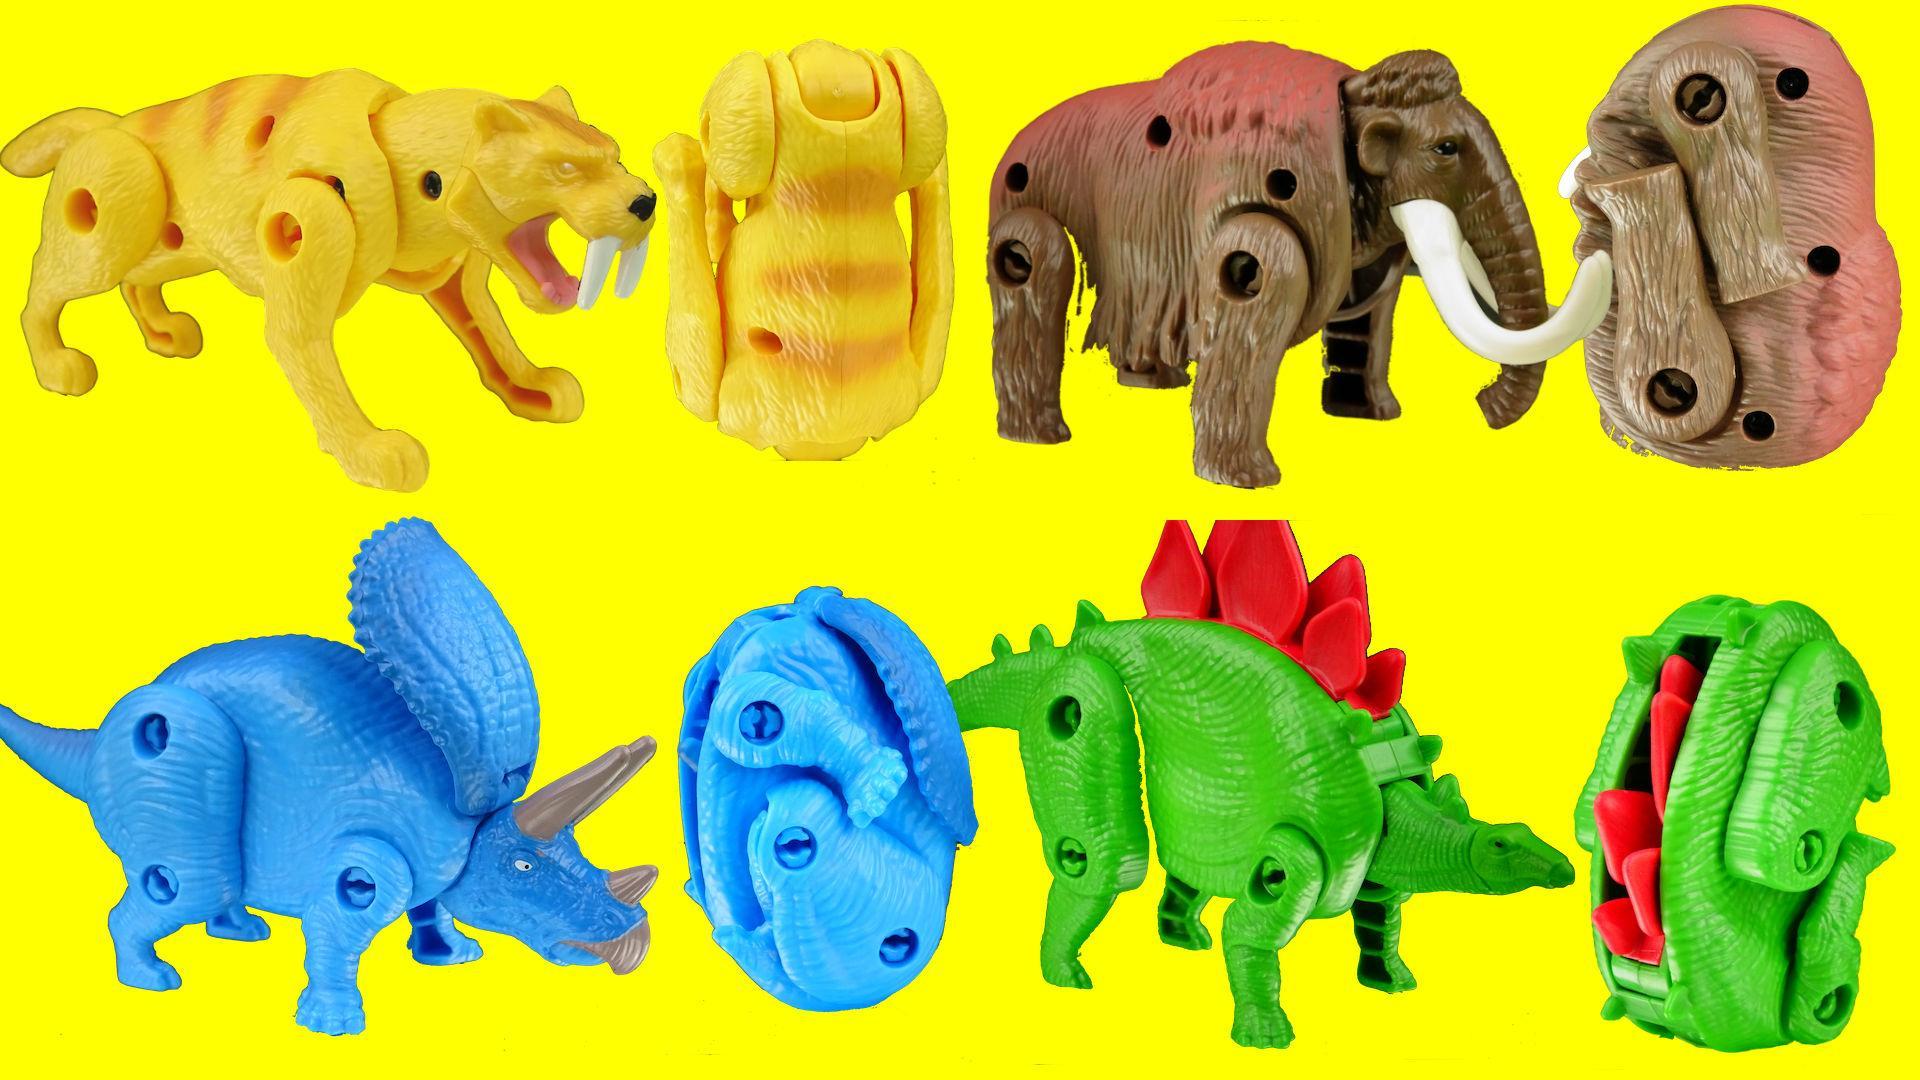 恐龙变形蛋惊喜玩具 奥特曼粉红猪小妹蜡笔小新面包超人超级飞侠.